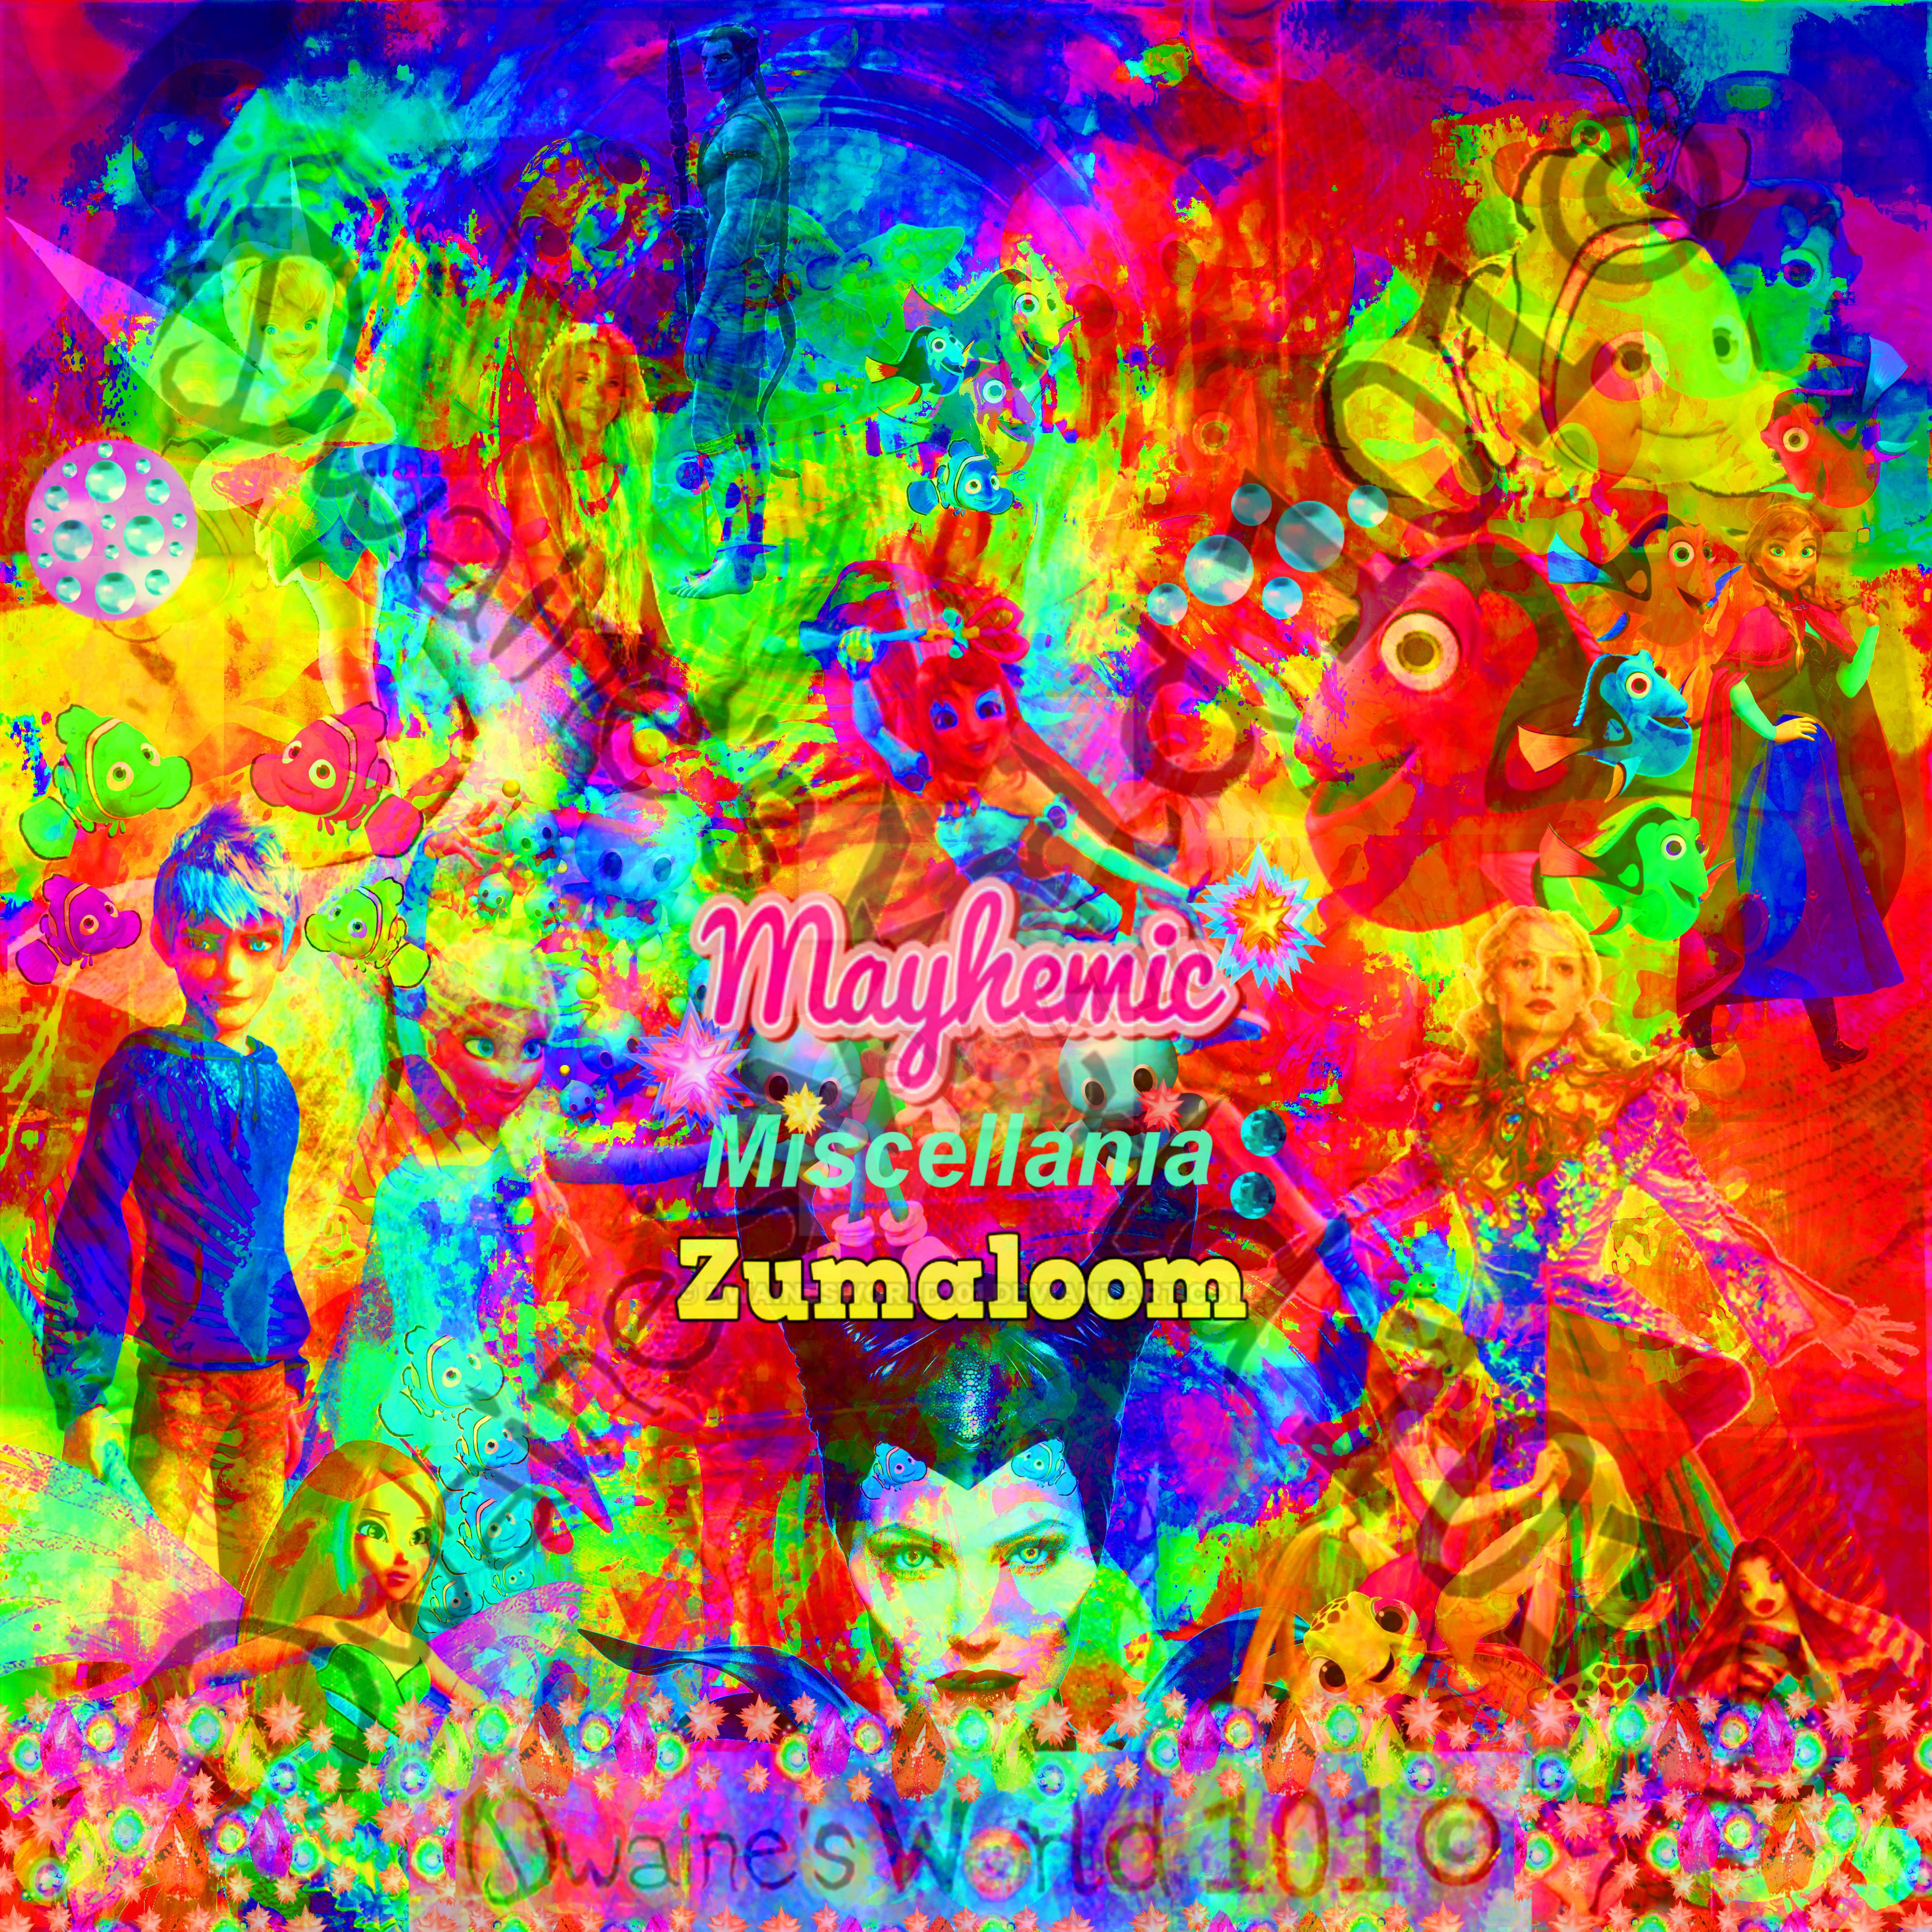 MaYhEmIc Miscellania: ZUMALOOM 6 by DwainesWorld101